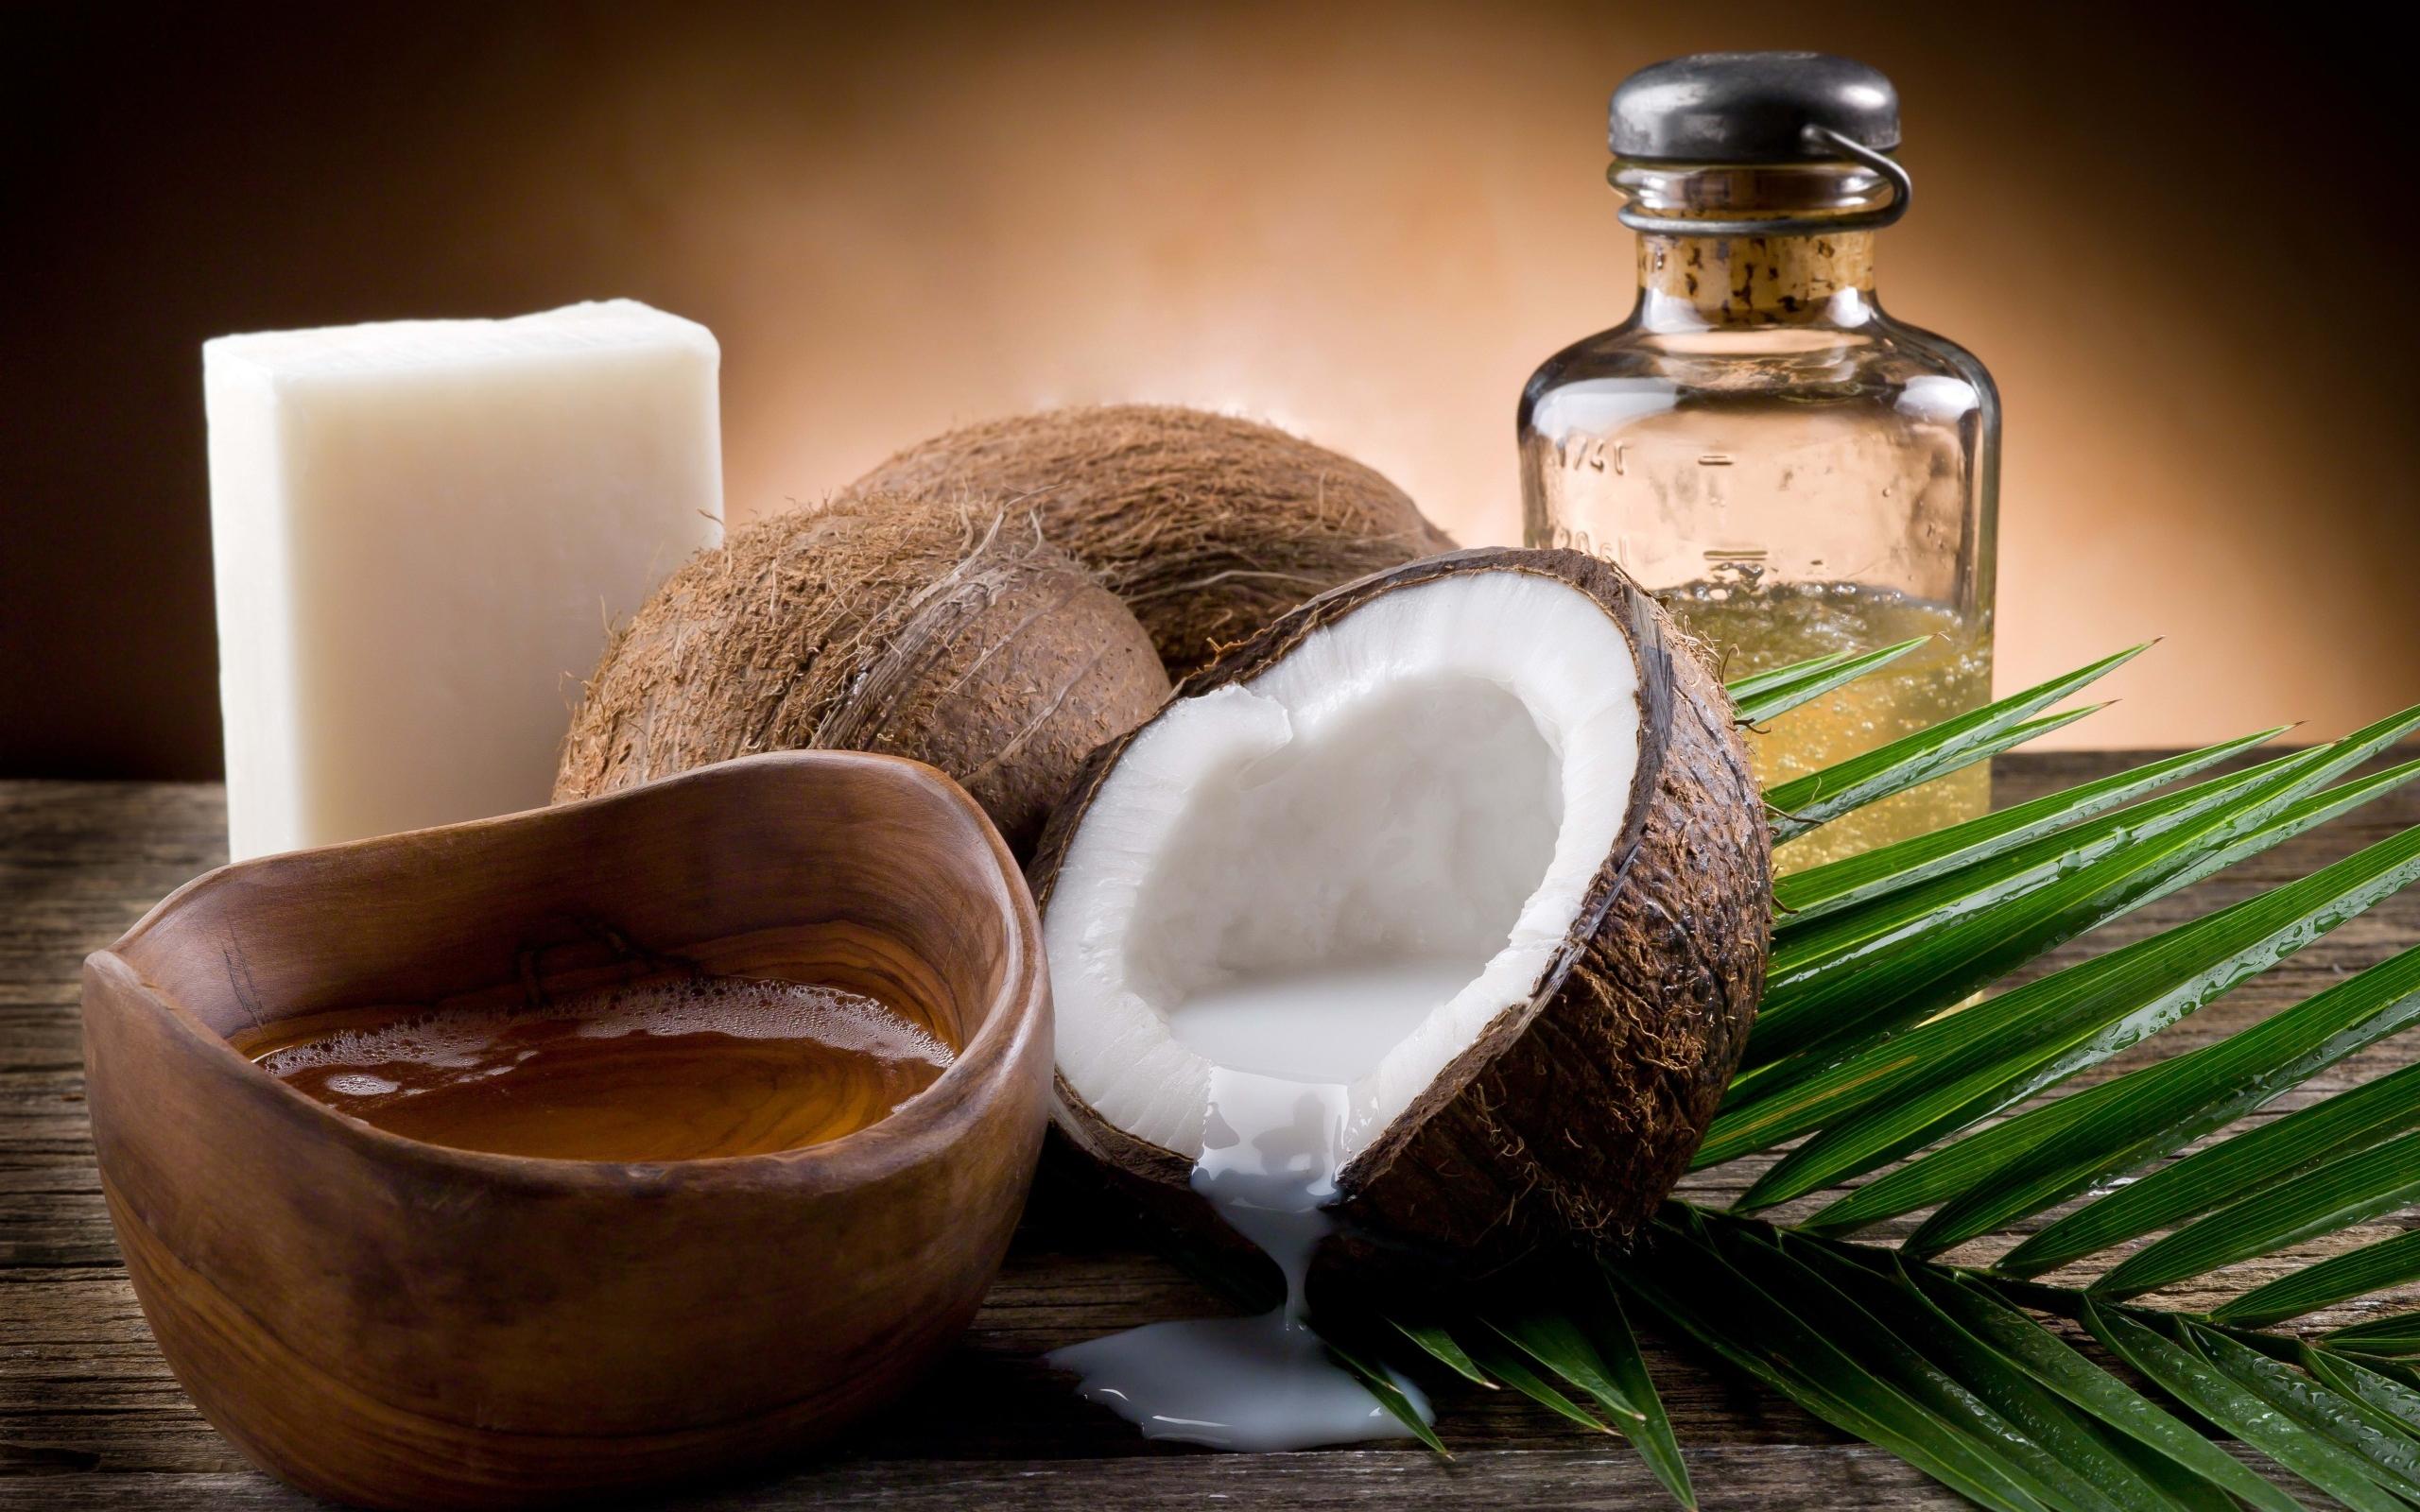 9 способов применения масла кокоса для красоты и здоровья